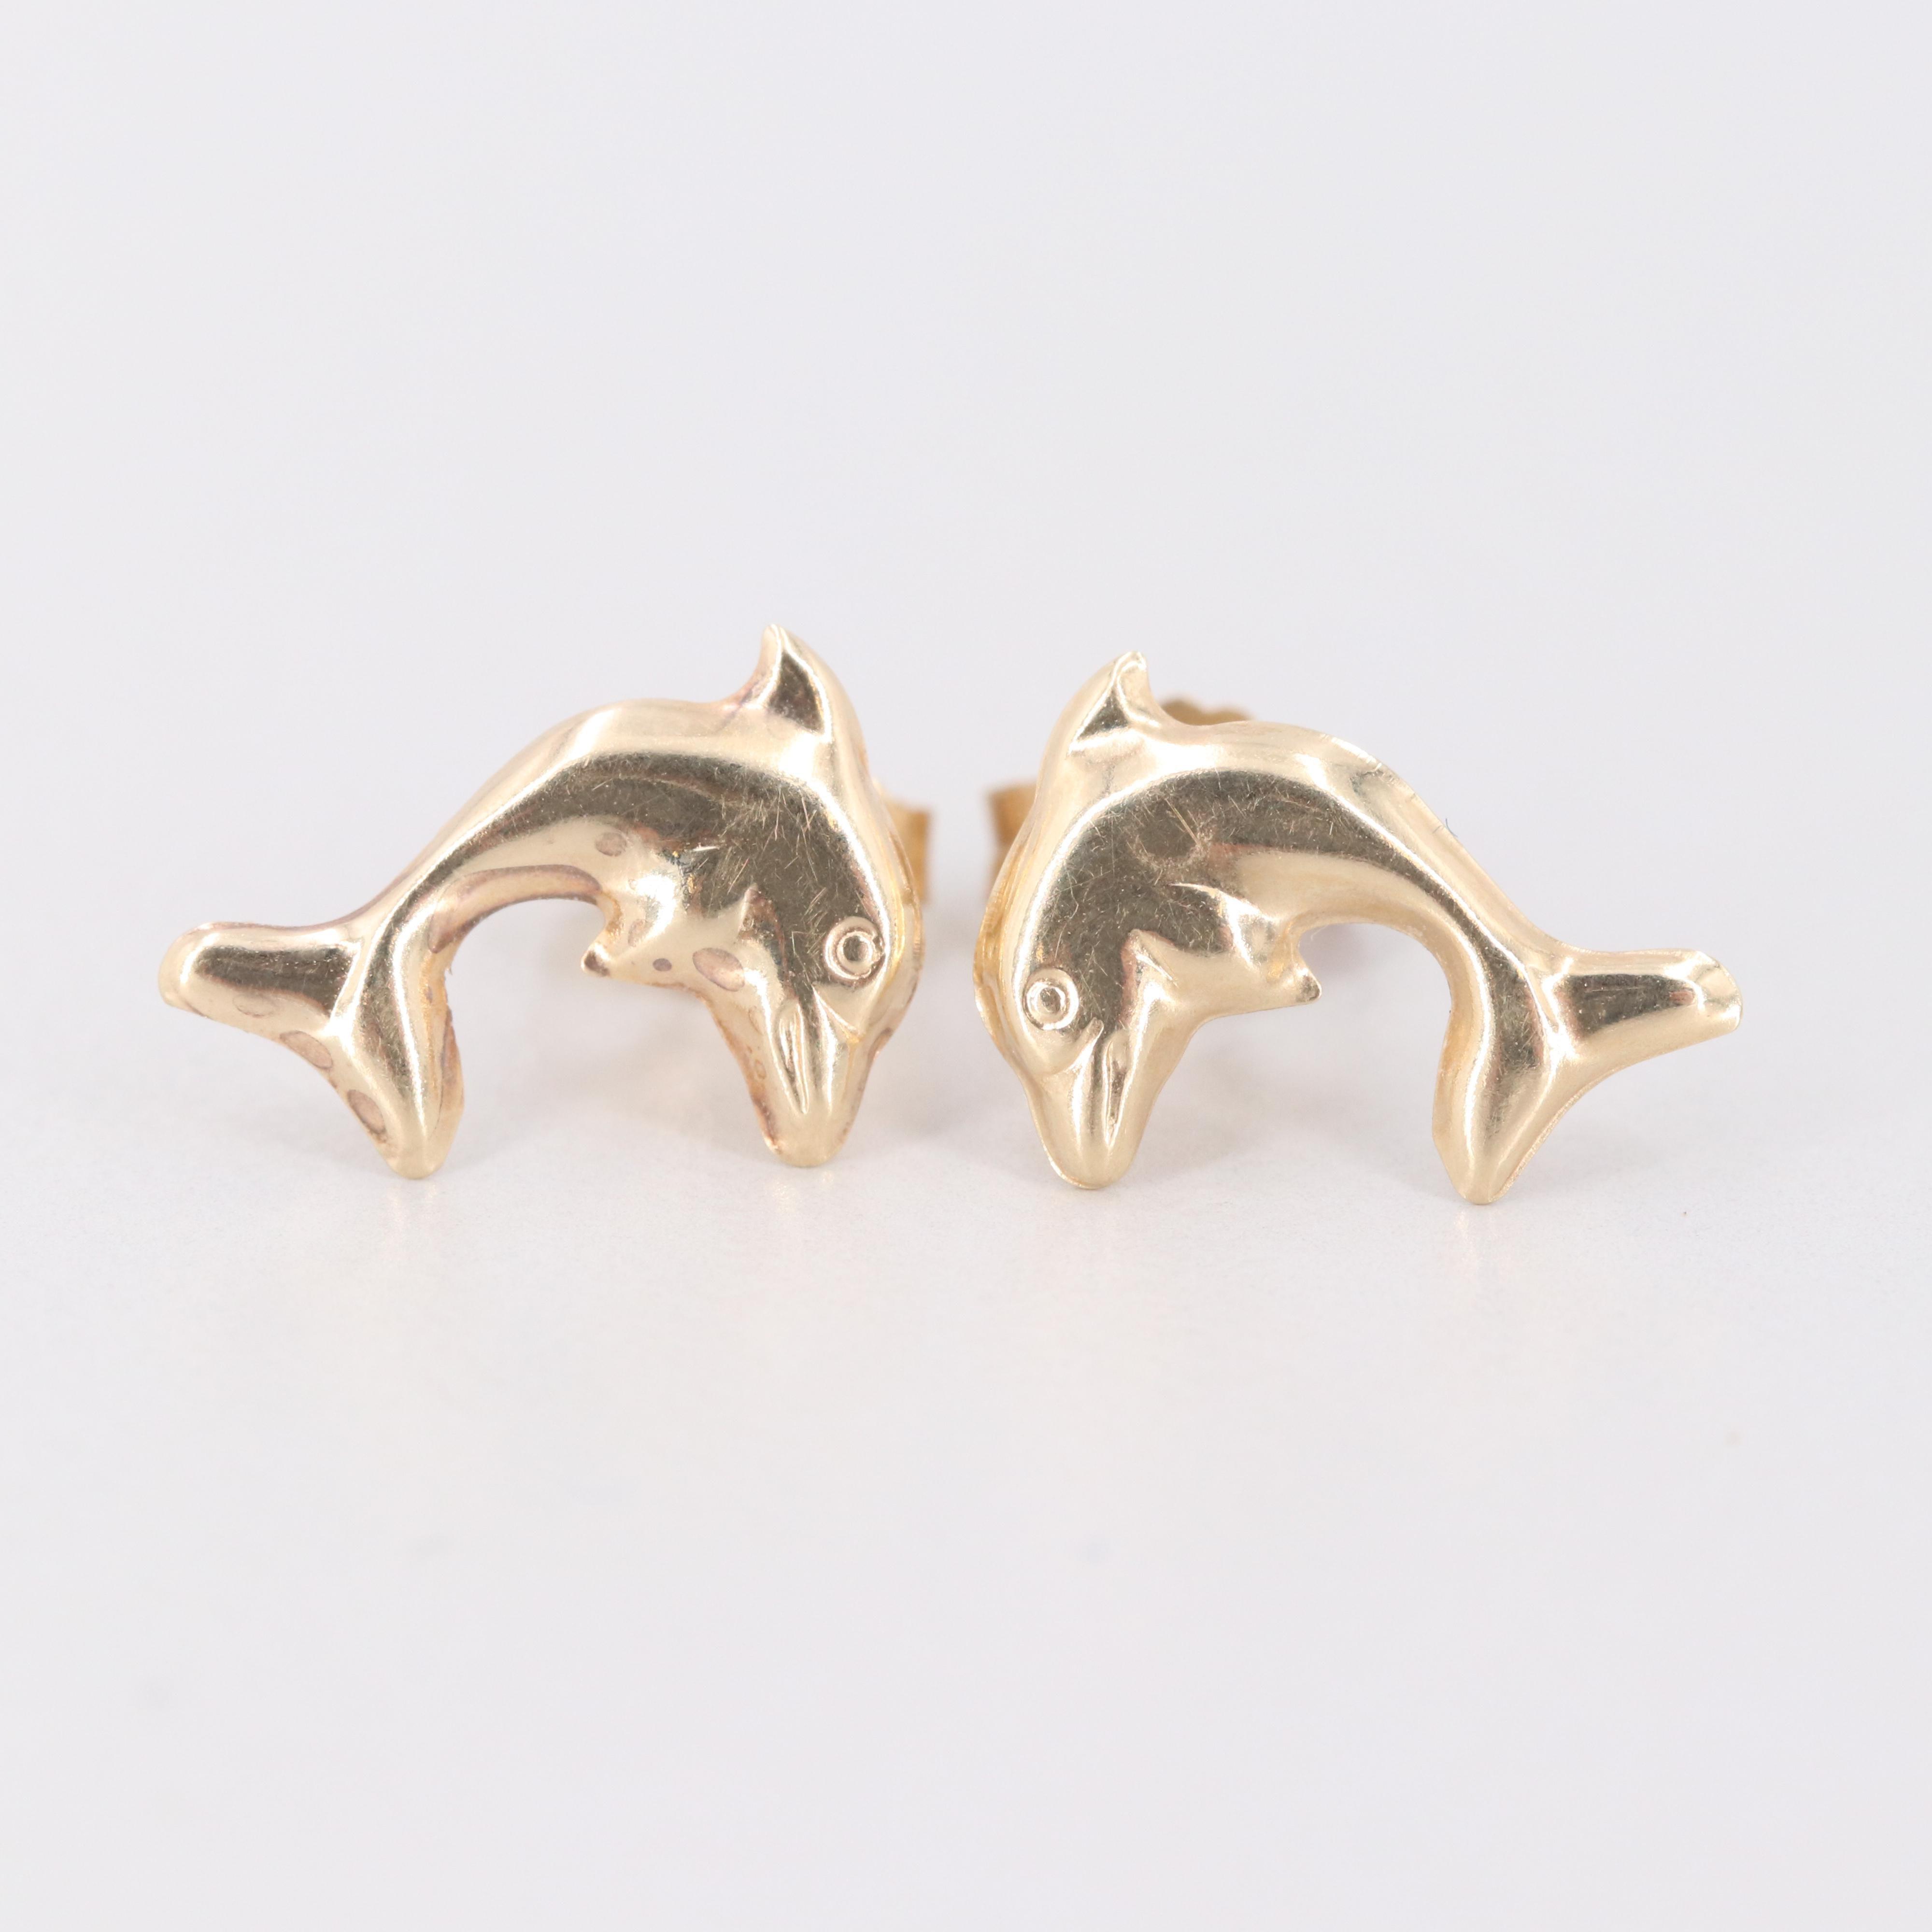 14K Yellow Gold Dolphin Motif Earrings